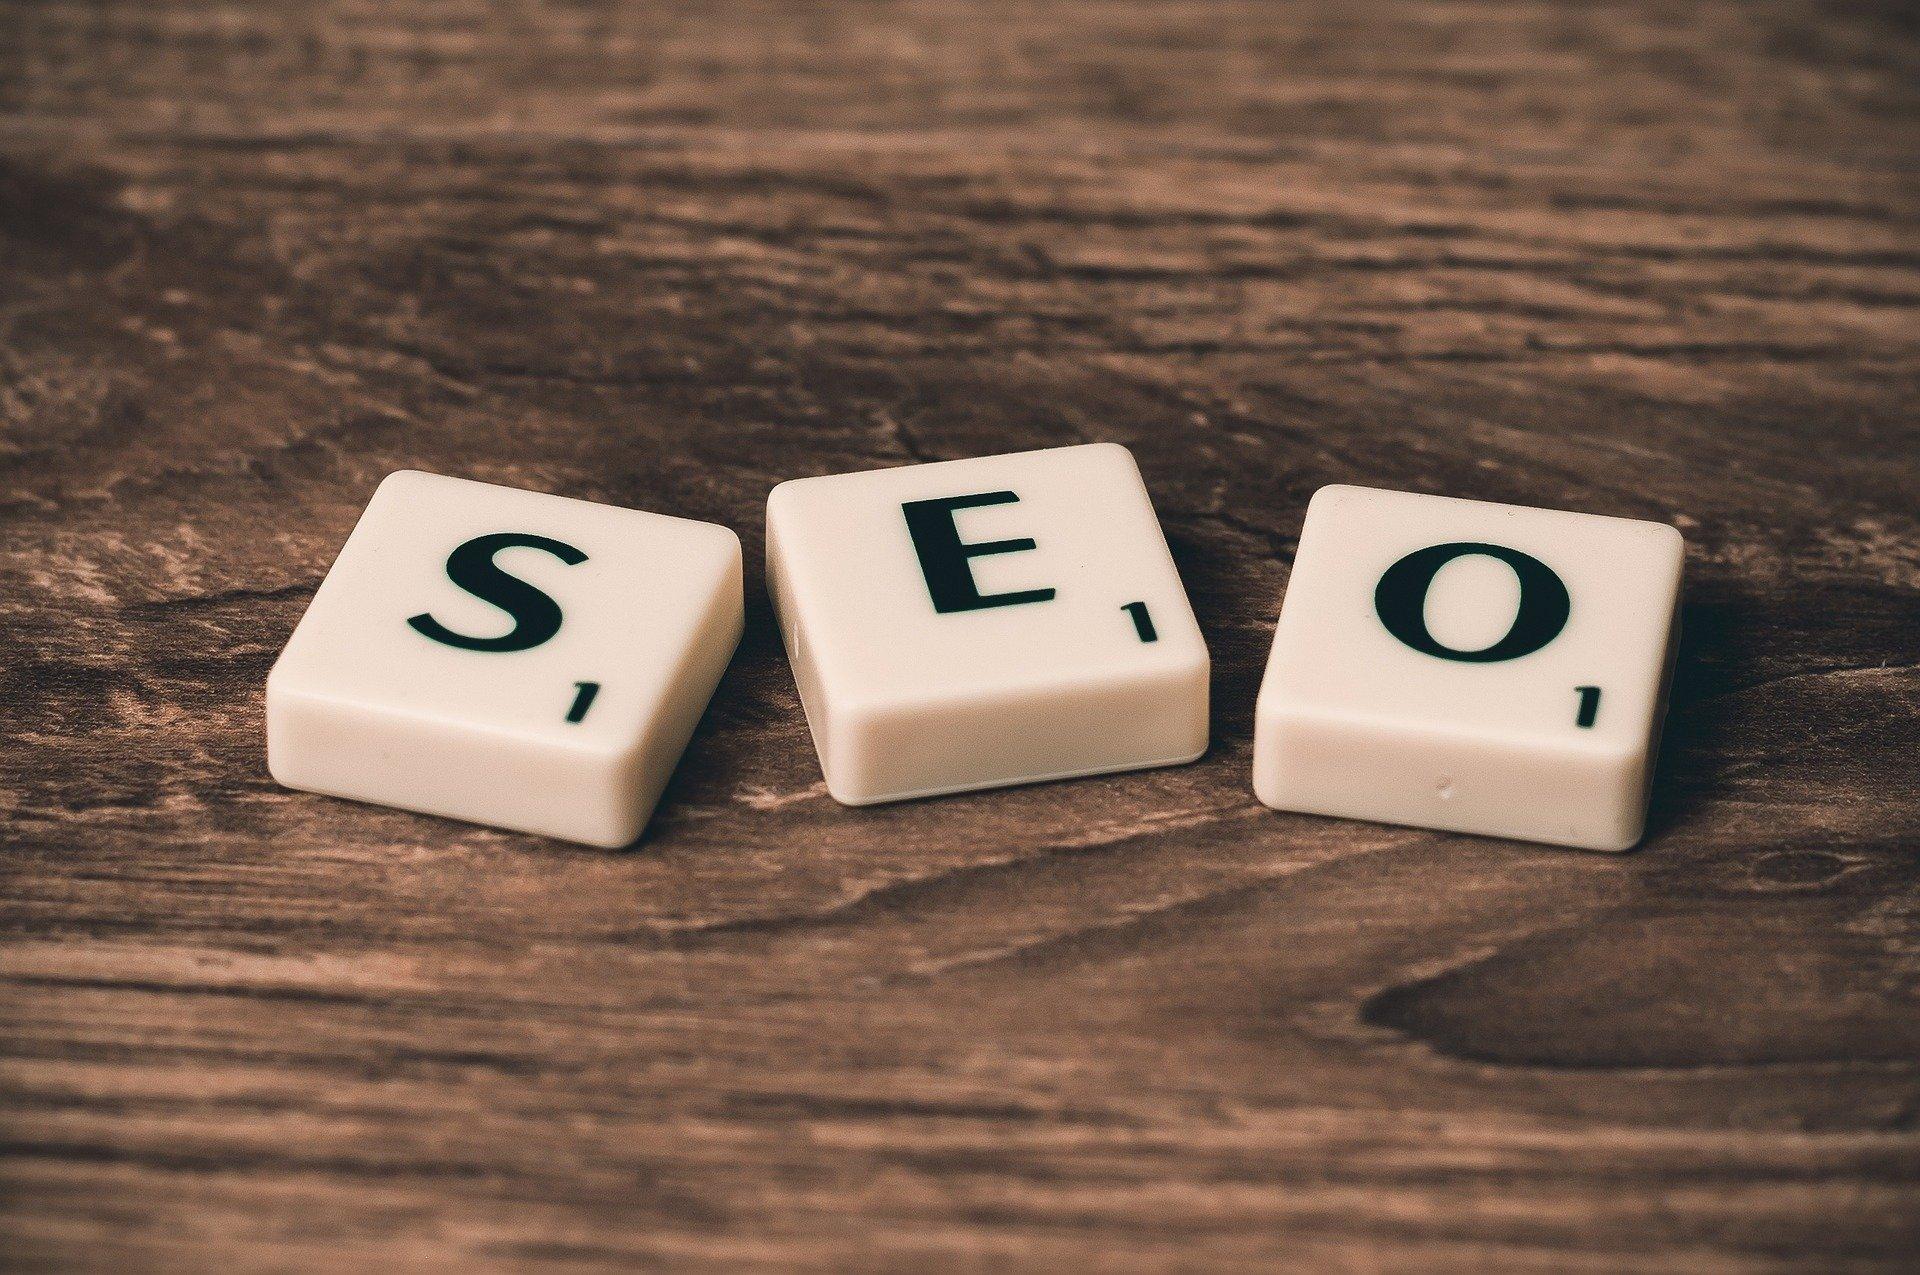 Imbunatatirea campaniei de optimizare SEO pentru magazinele online din perspectiva optimizarii seo on-page